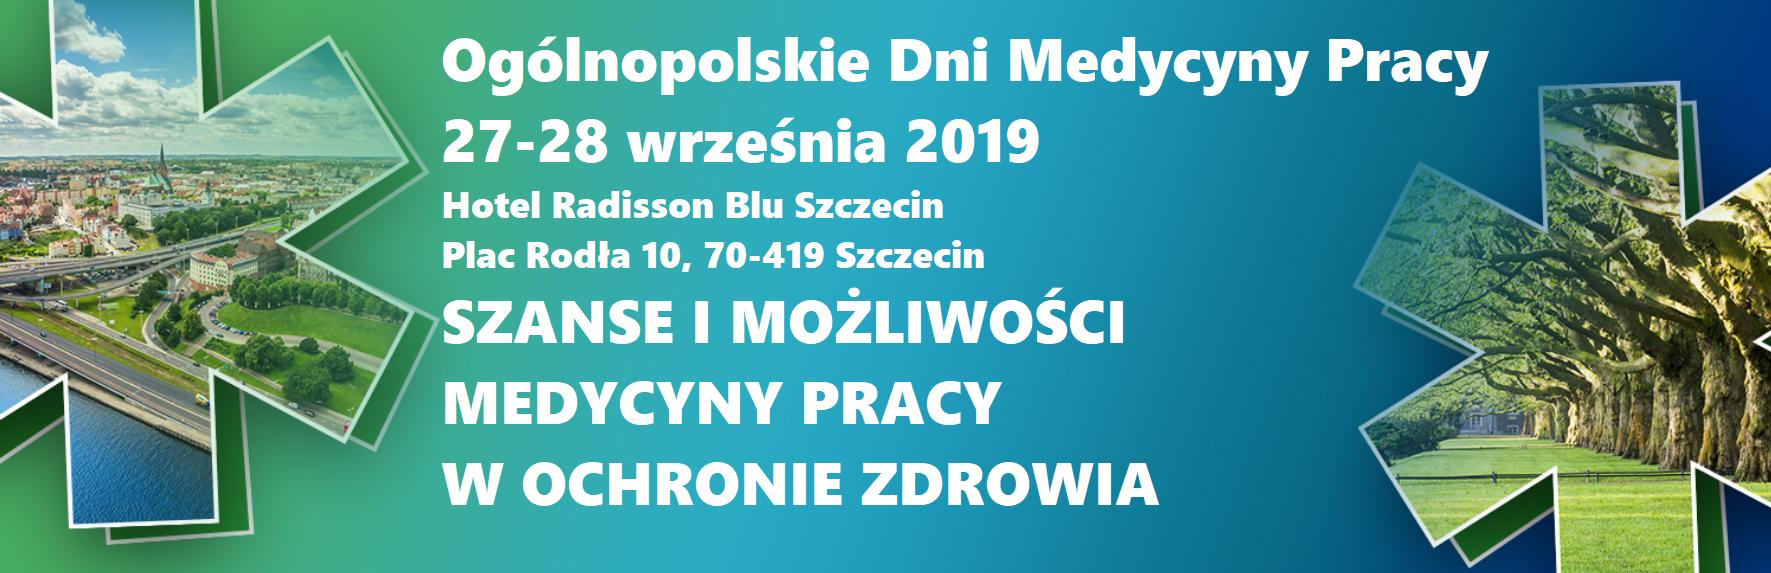 [:pl]Ogólnopolskie Dni Medycyny Pracy[:]